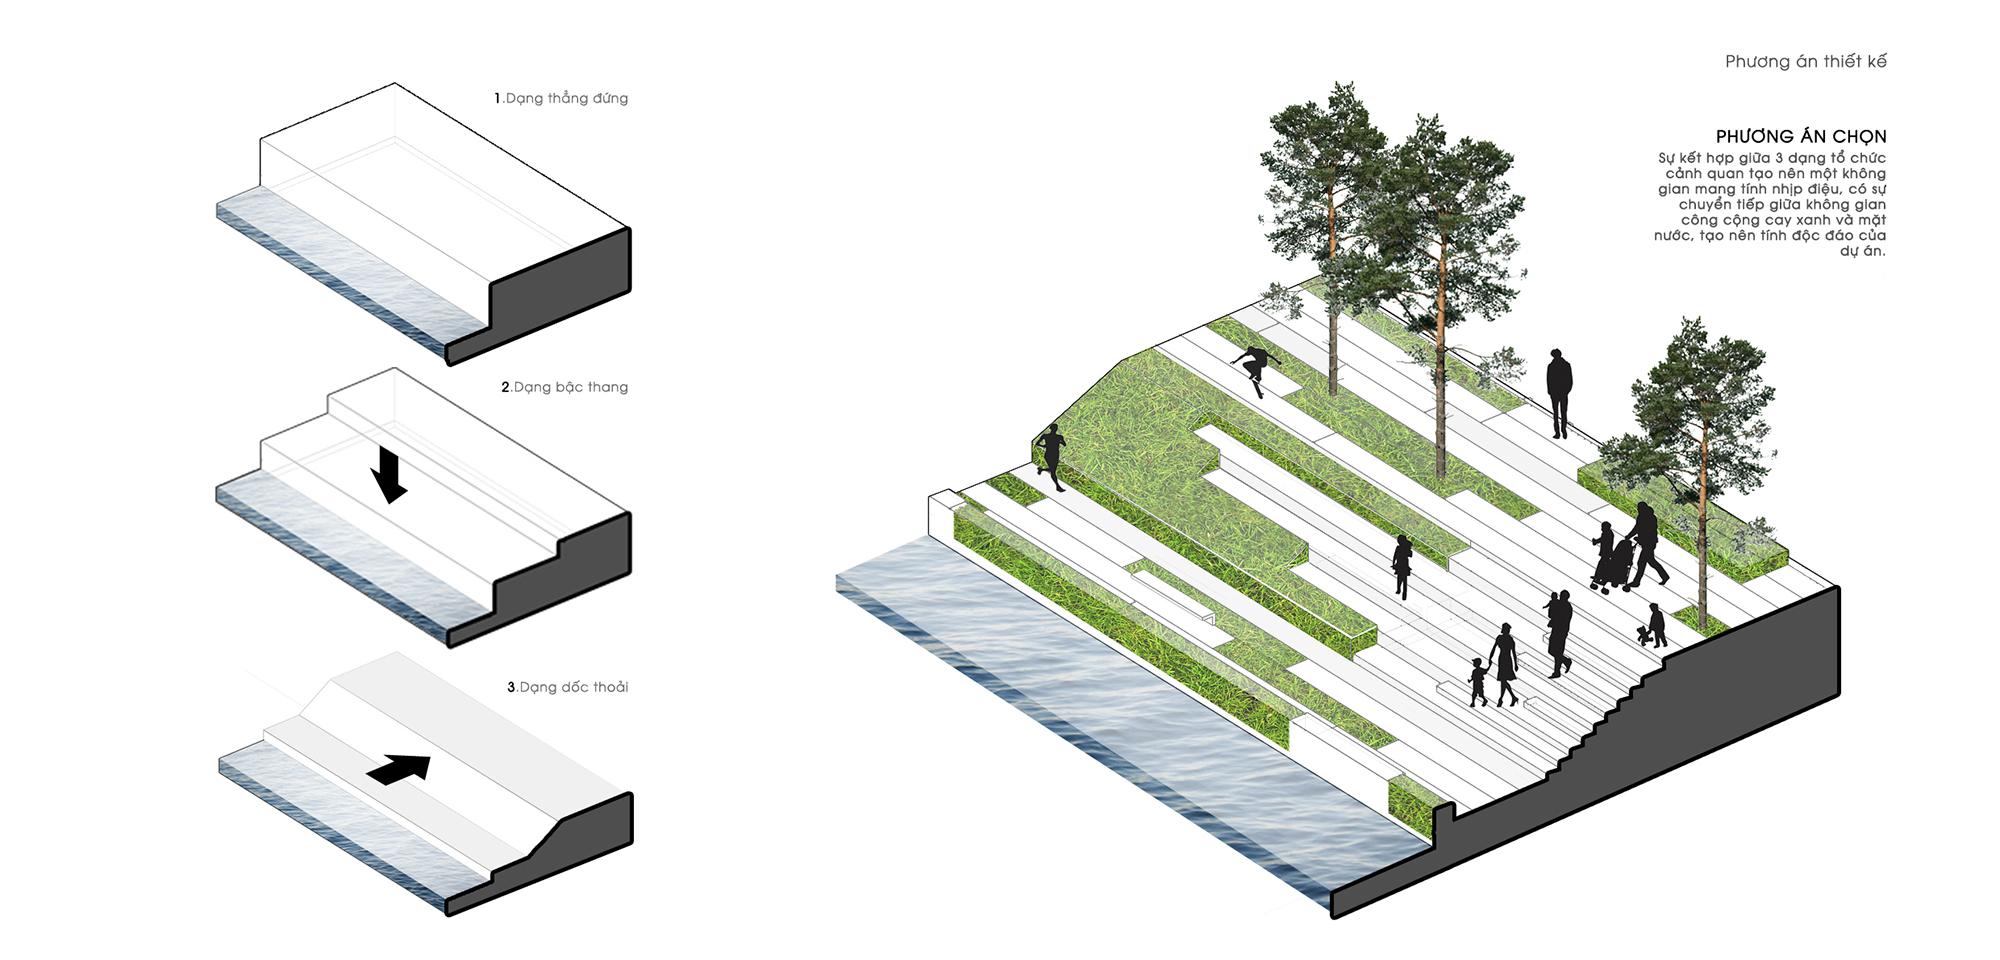 Cải tạo hồ sinh thái Đống Đa / MIA Design Studio 3